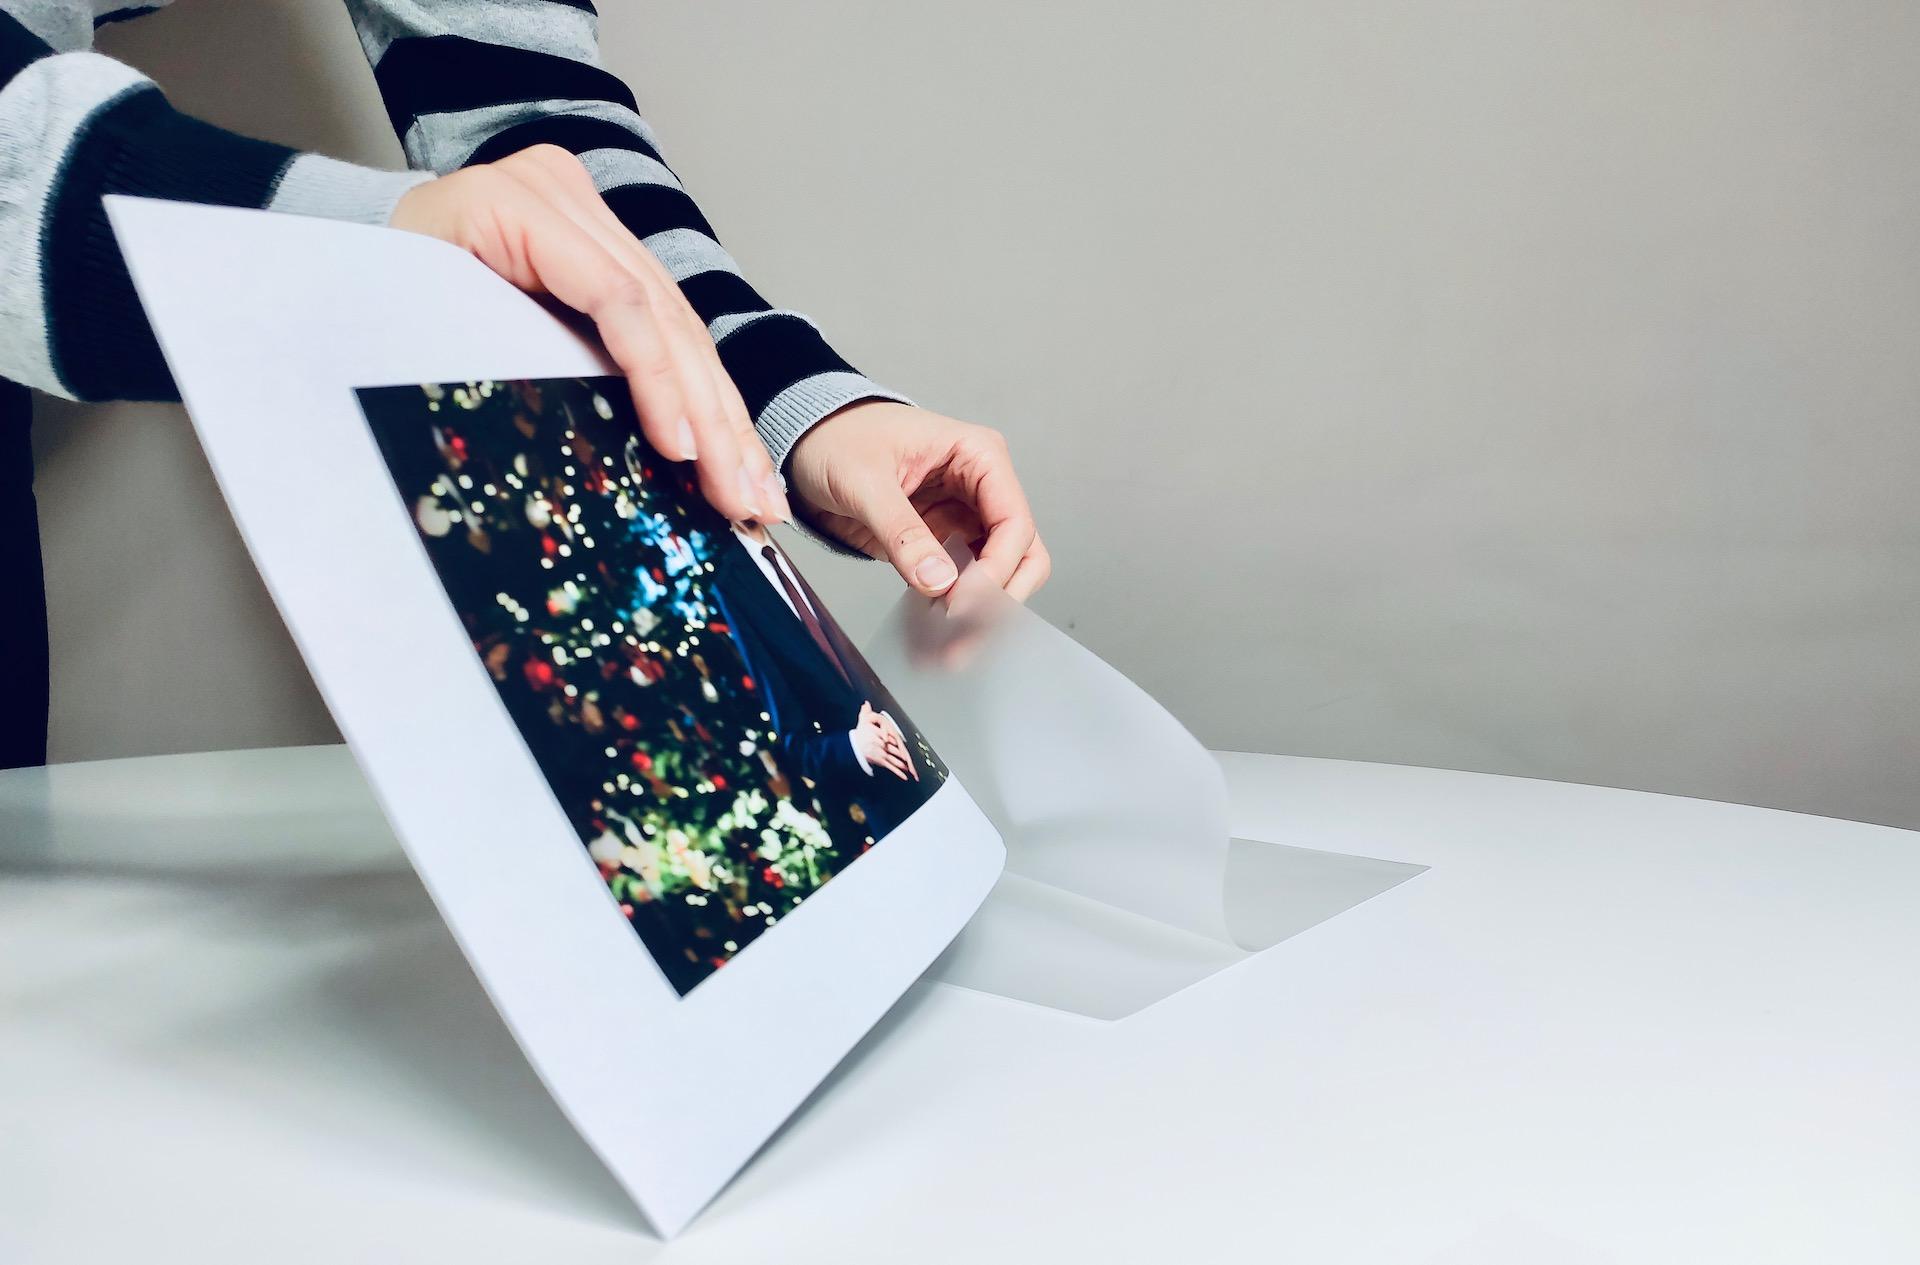 Konwersacje - prezent czy rózga